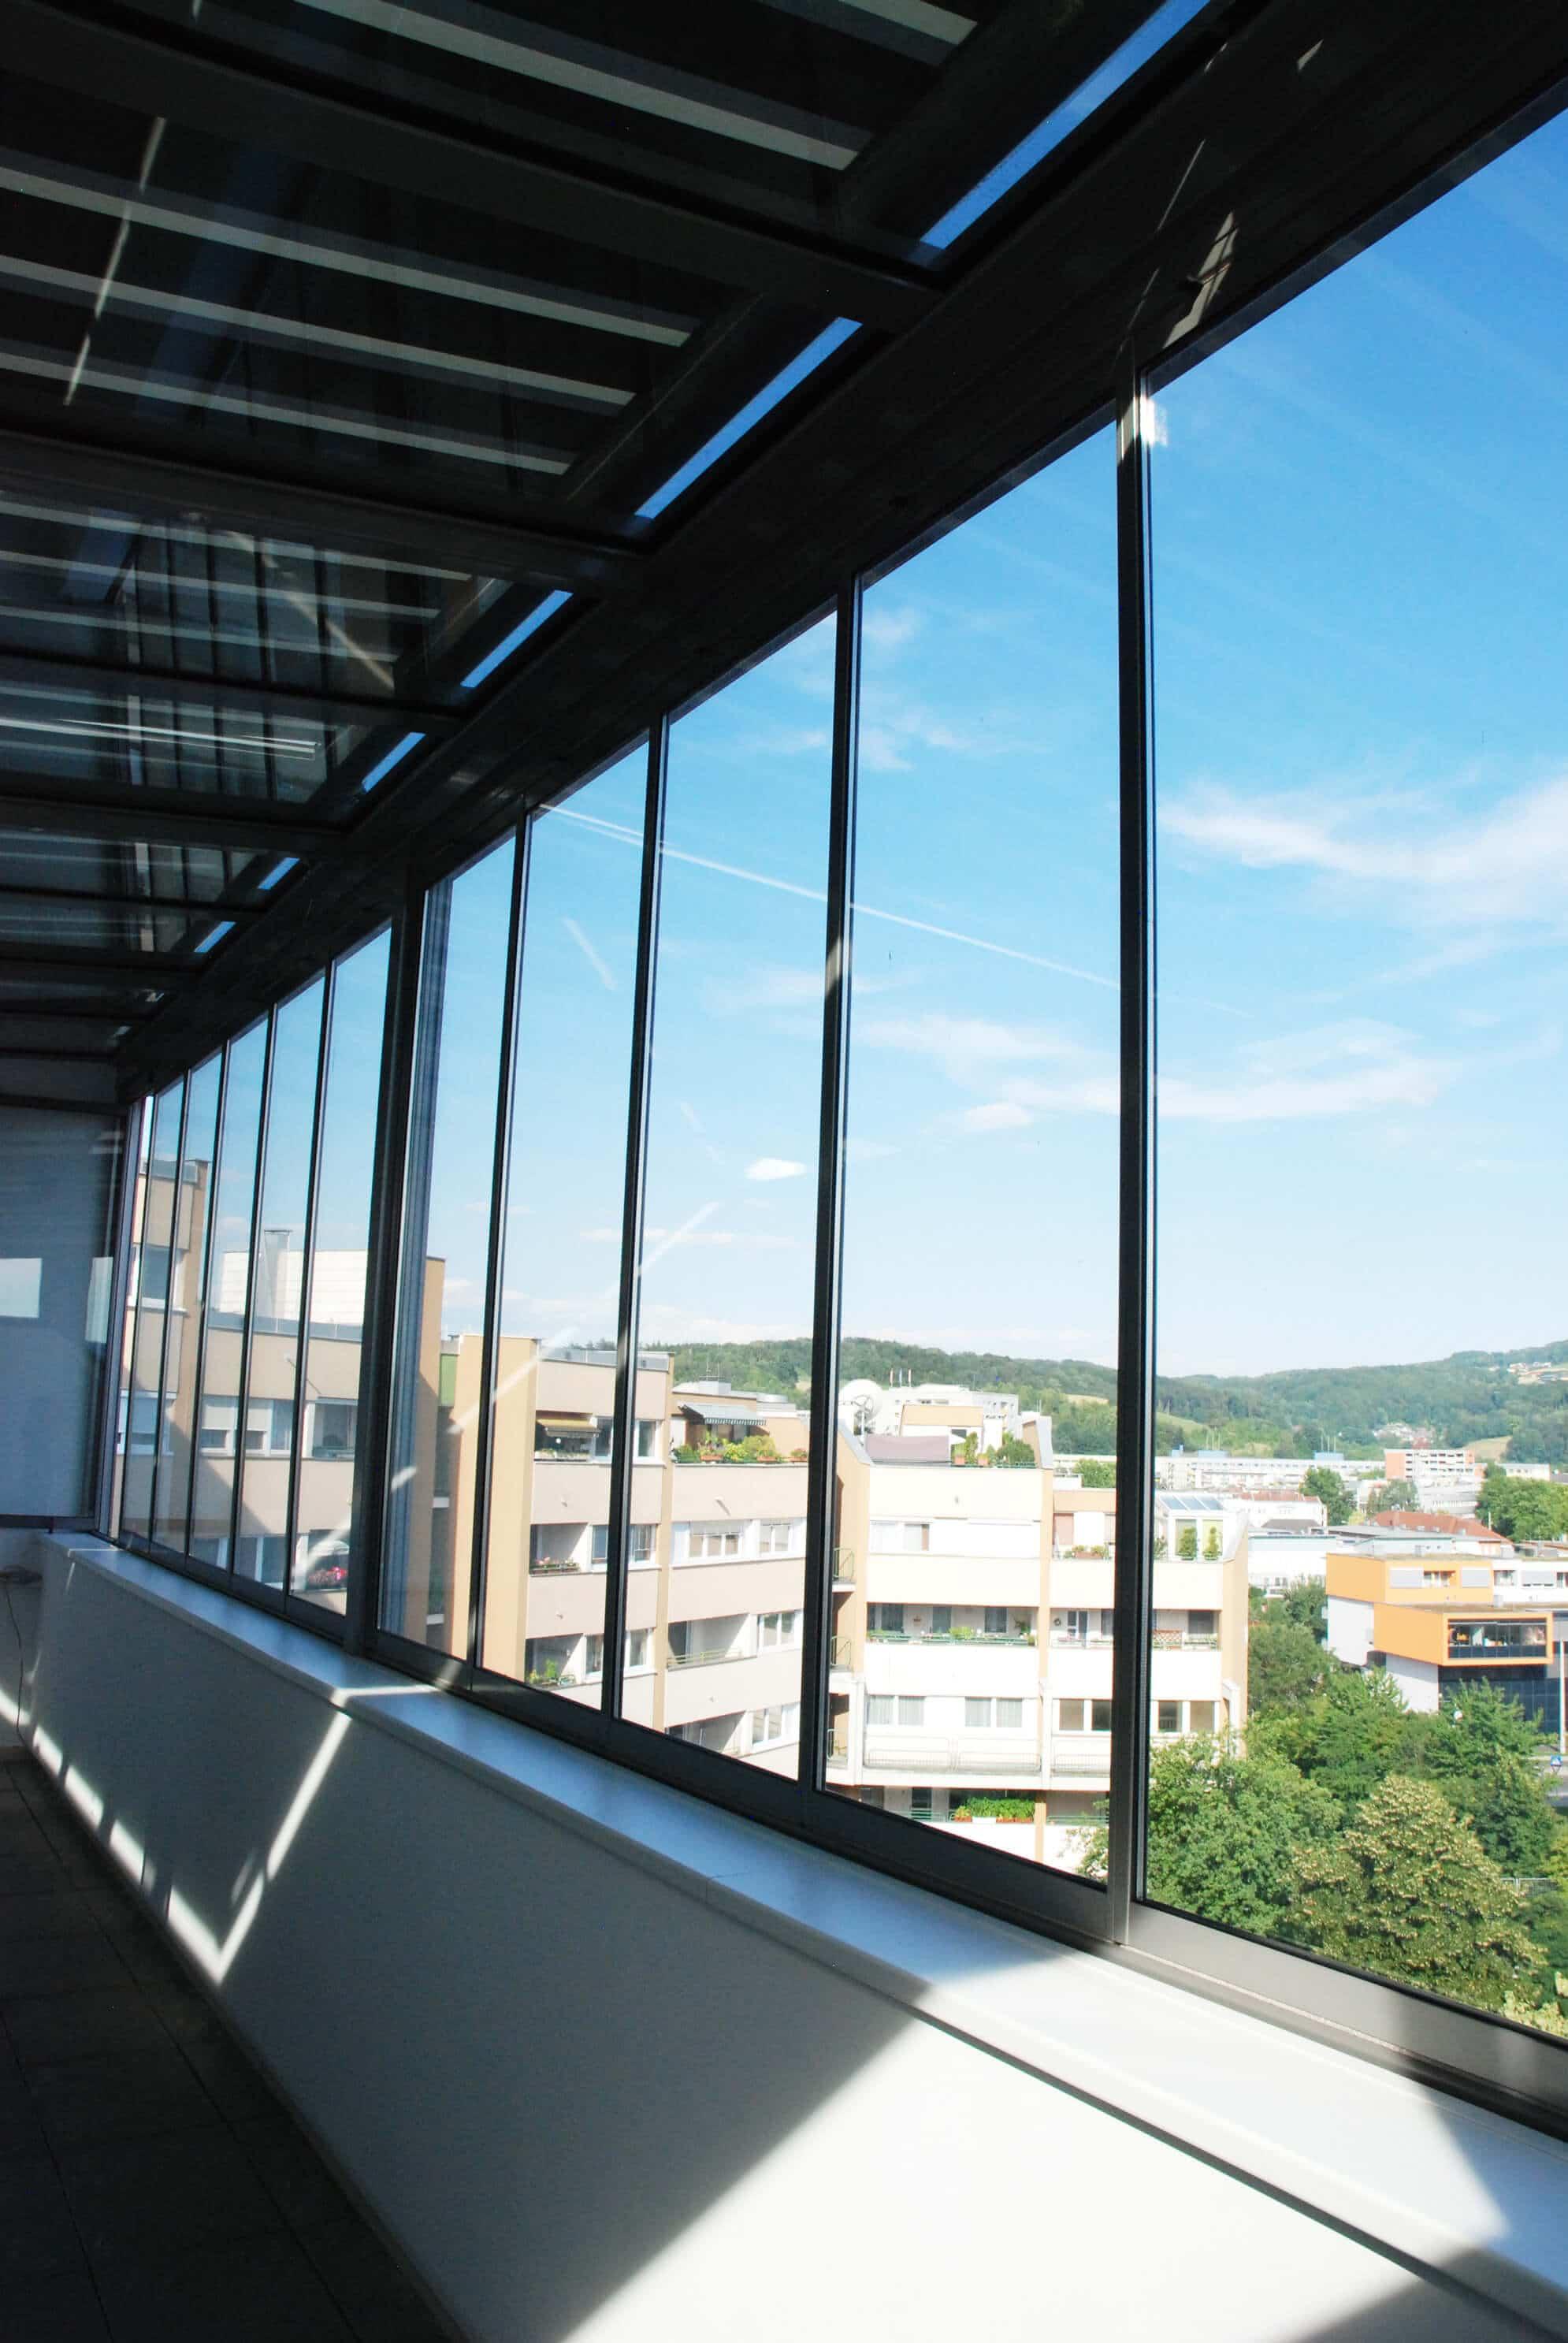 Schiebe-Dreh-System SF 25 mit Rahmen